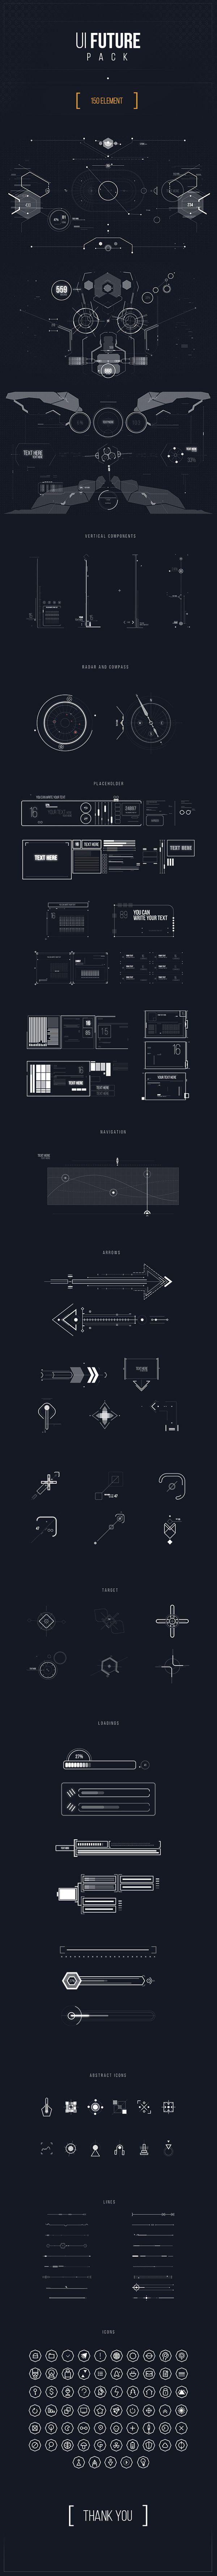 Futuristische UI